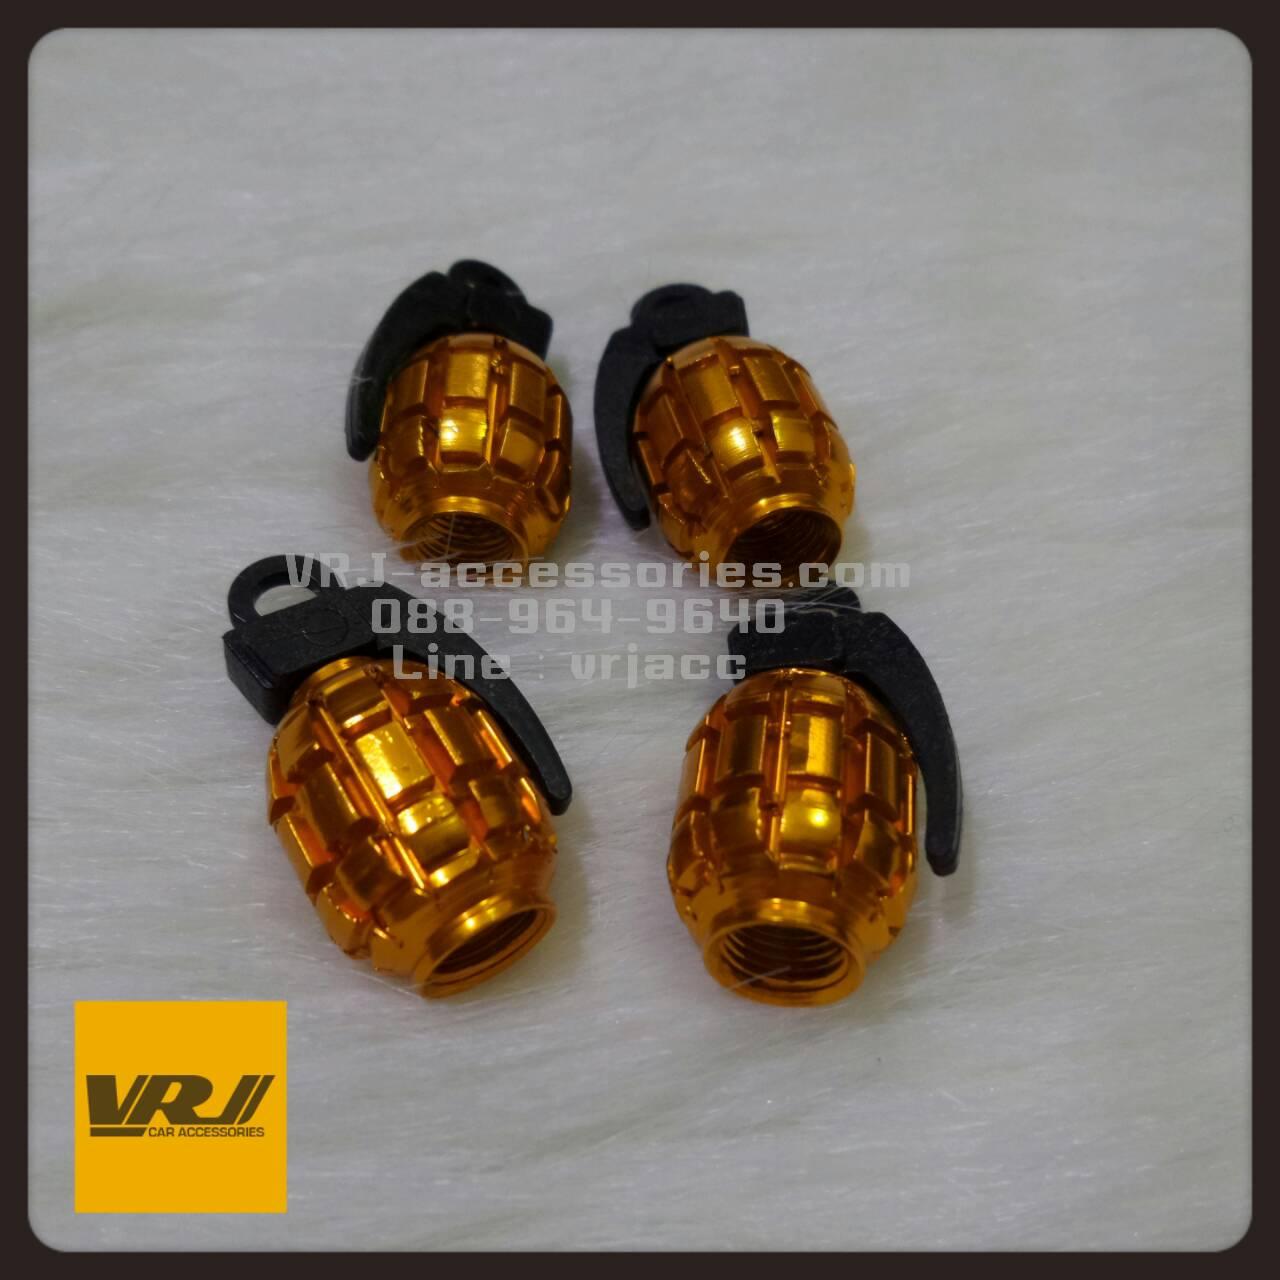 จุกลม ลูกระเบิด น้อยหน่า สีเหลือง : Car tire valve Stem caps - Grenade Bomb